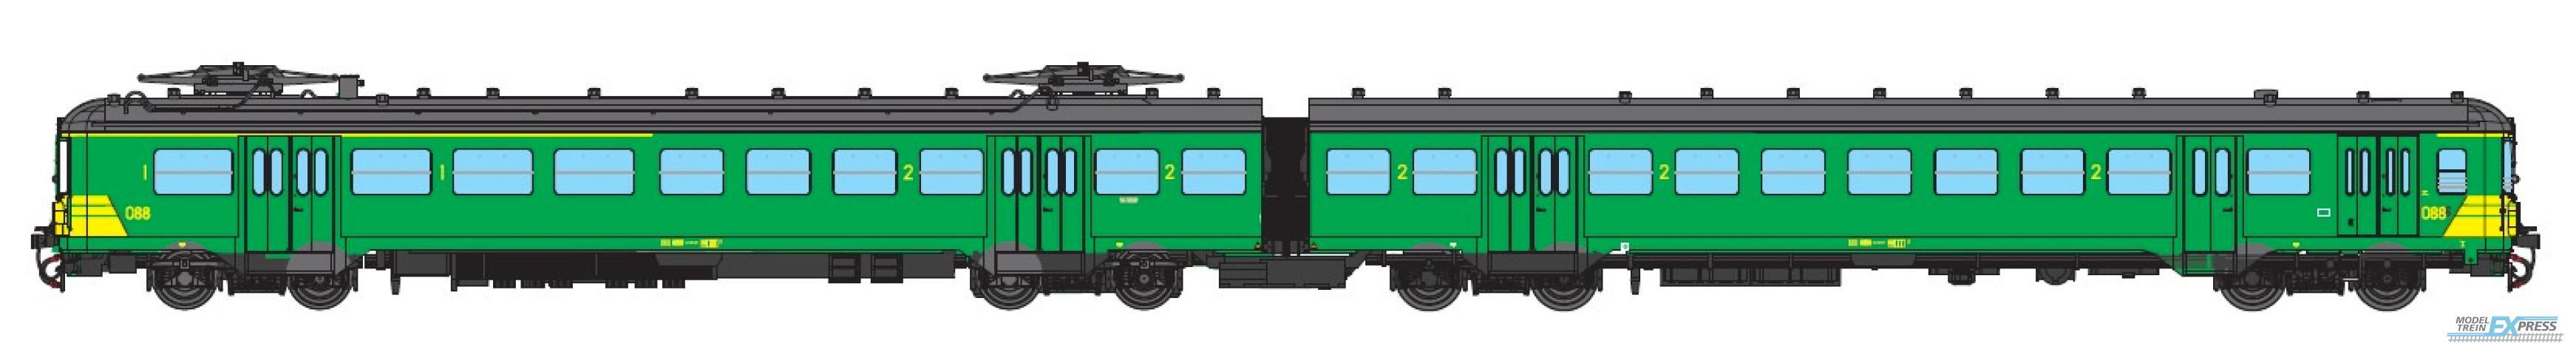 B-Models 7003.01